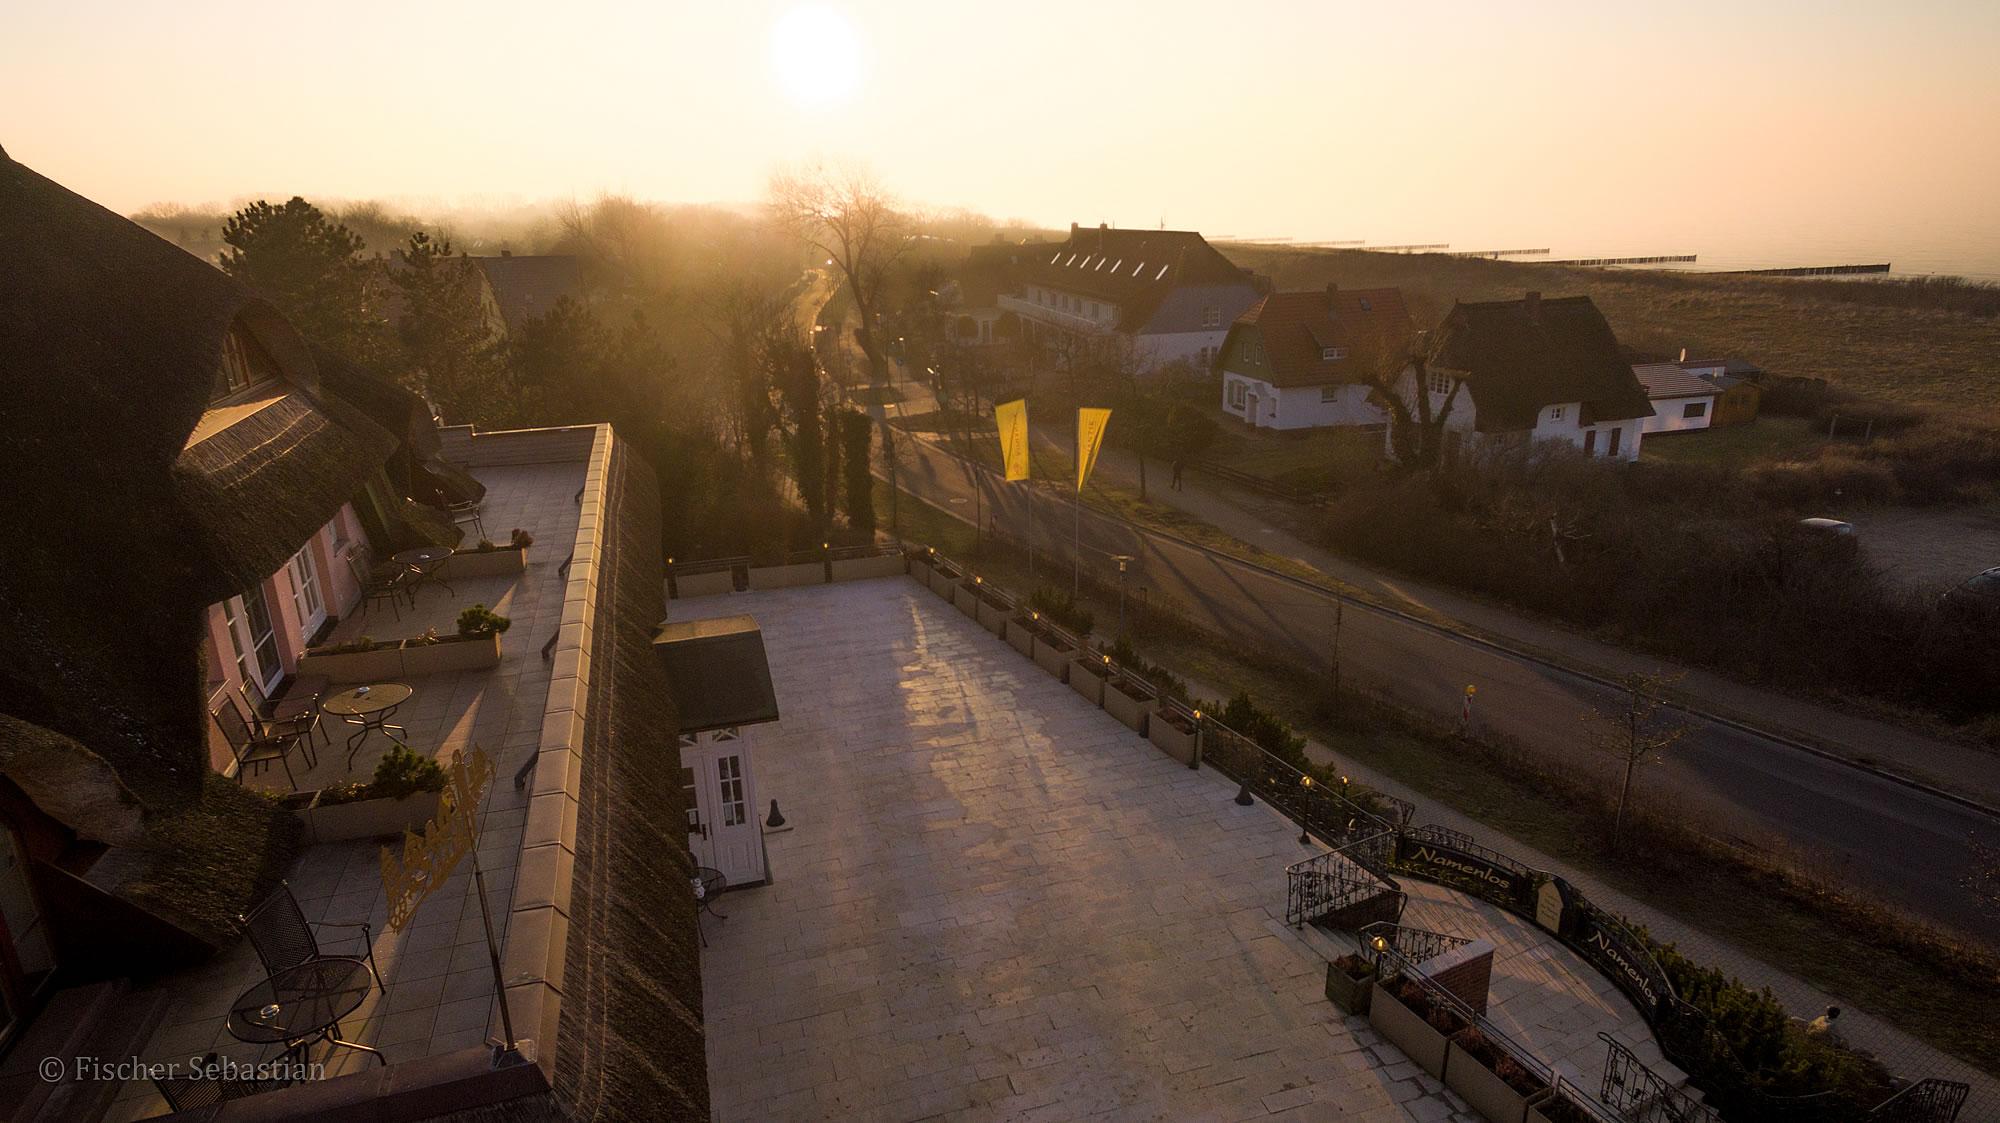 Hotel Namenlos, Blickrichtung Süden, Drohnenfoto